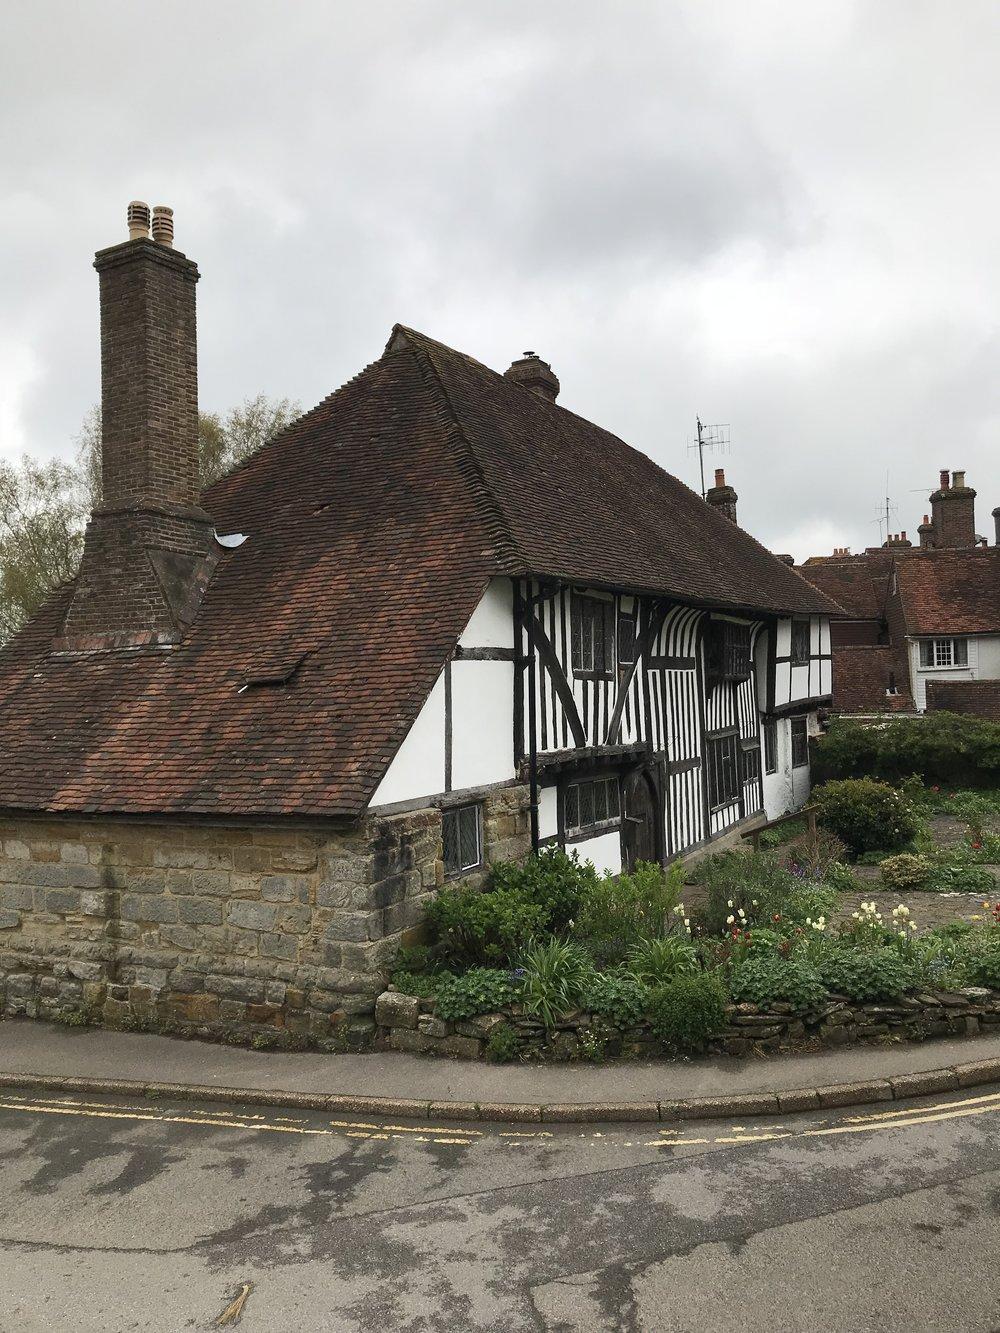 An old Tudor house in Battle